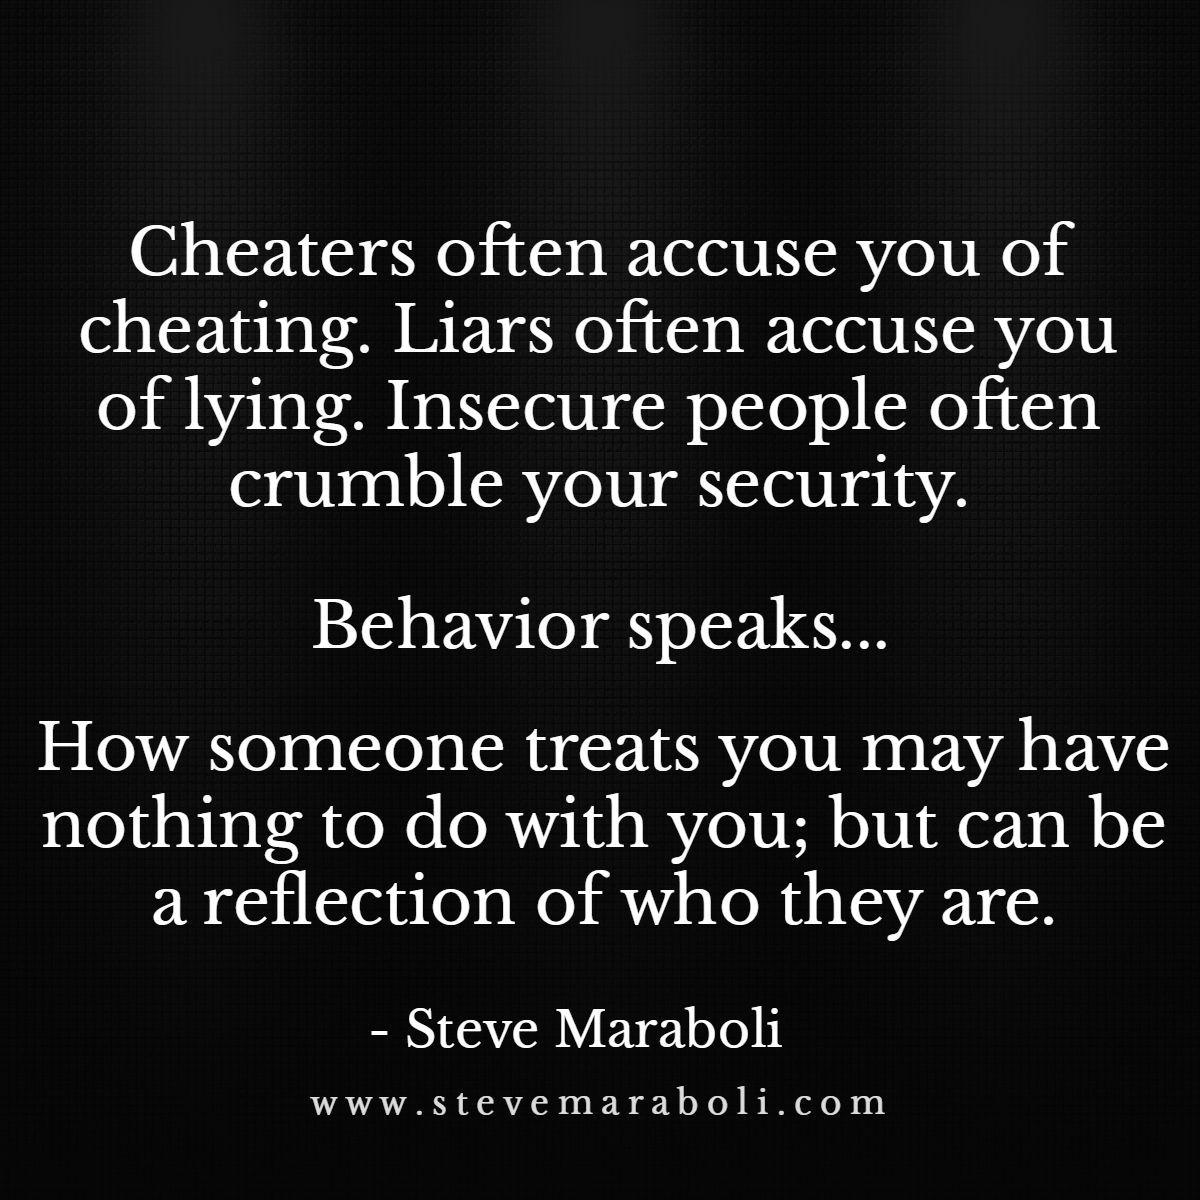 behavior speaks.jpg